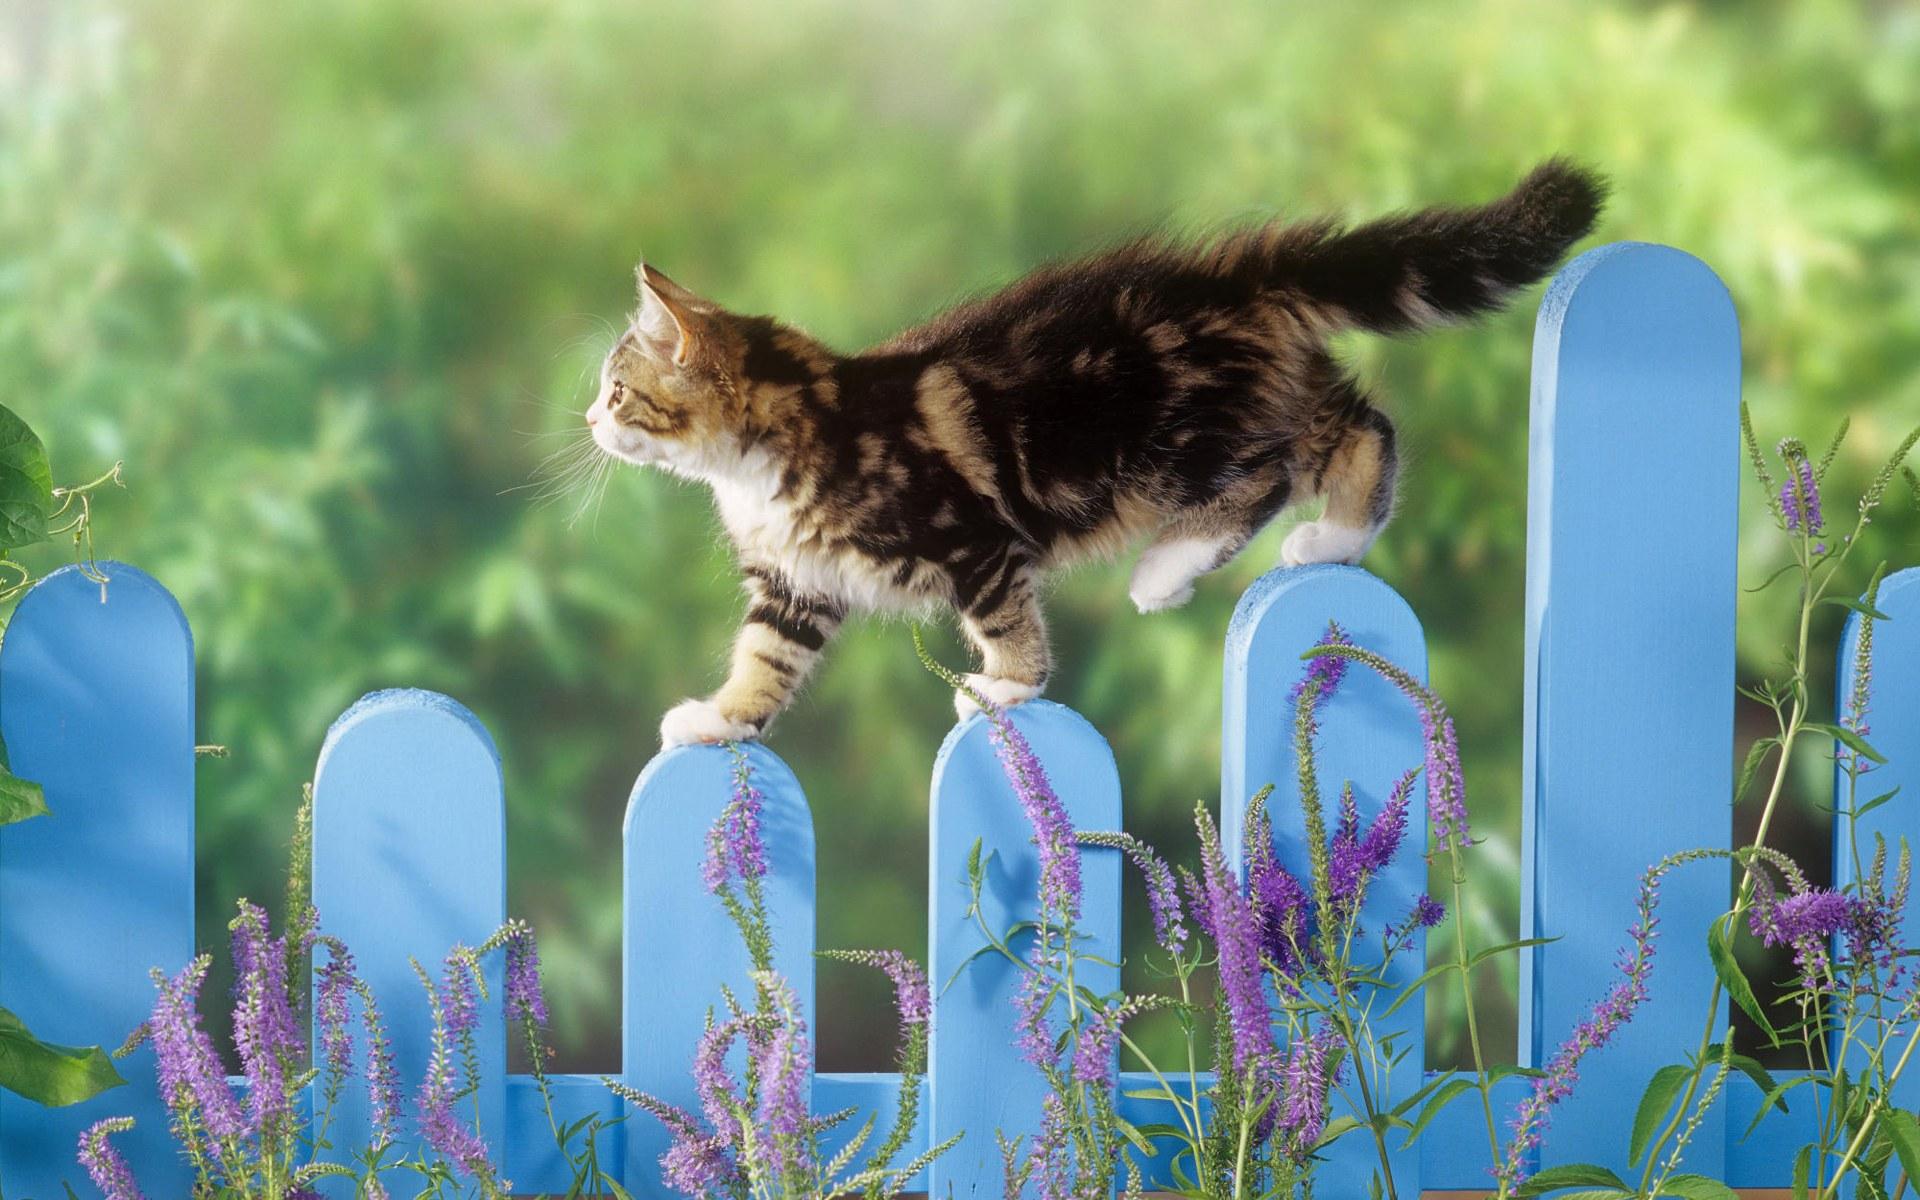 Gato paseando por unas rejas - 1920x1200